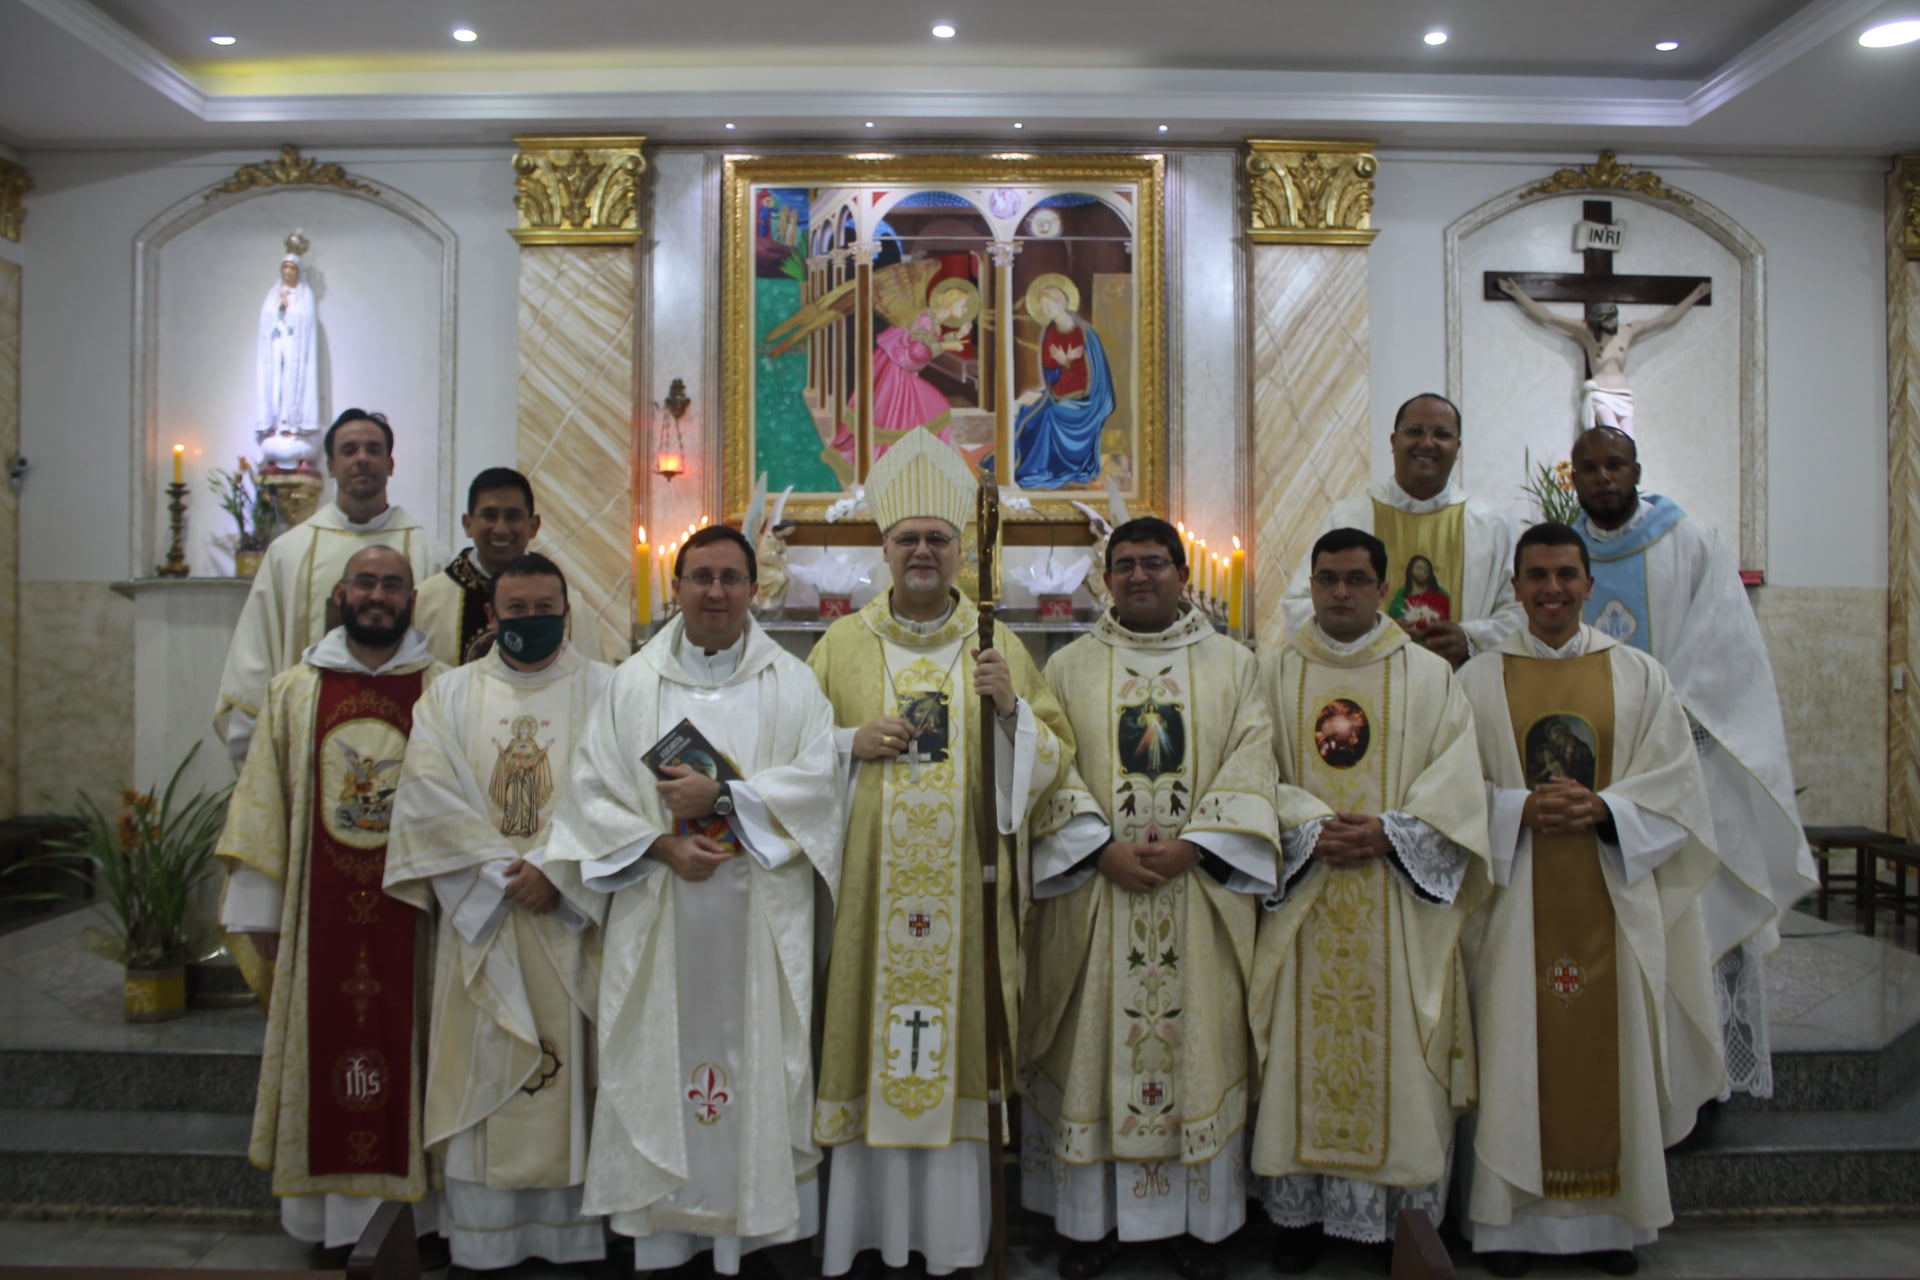 BRASIL: Conclusión de los festejos de los 25 años de fundación del IVE en Brasil (en la Parroquia del Verbo Encarnado)